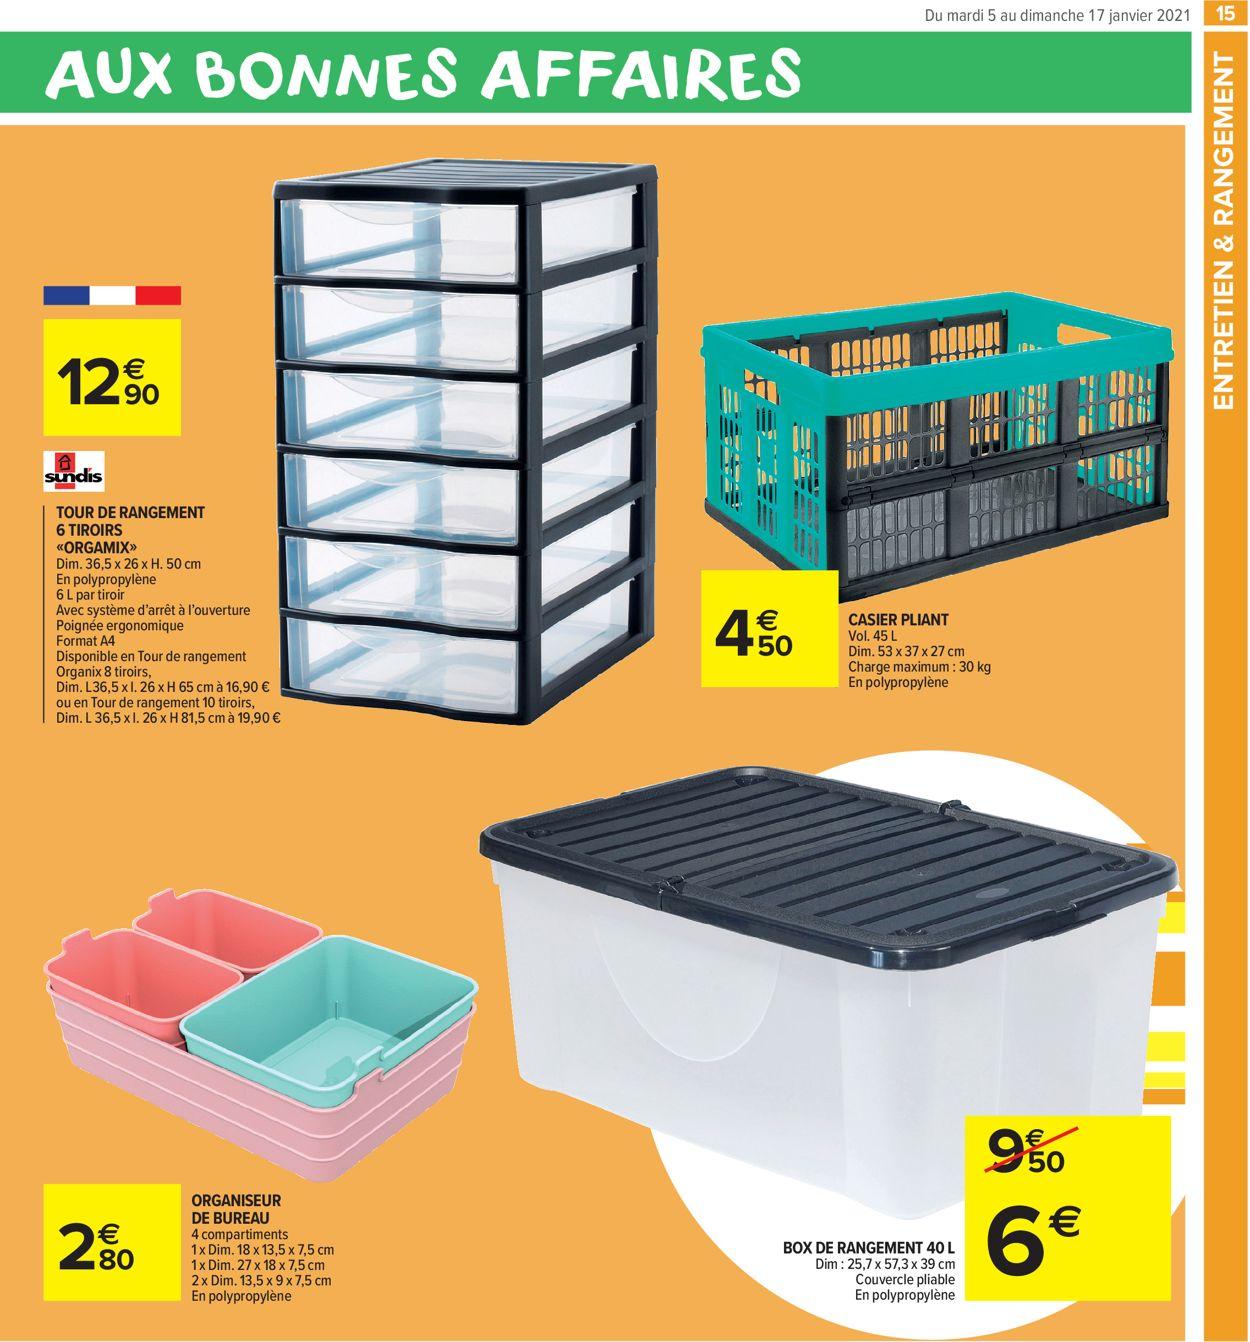 Carrefour Bonnes Affaires 2021 Catalogue Actuel 05 01 17 01 2021 15 Catalogue 24 Com